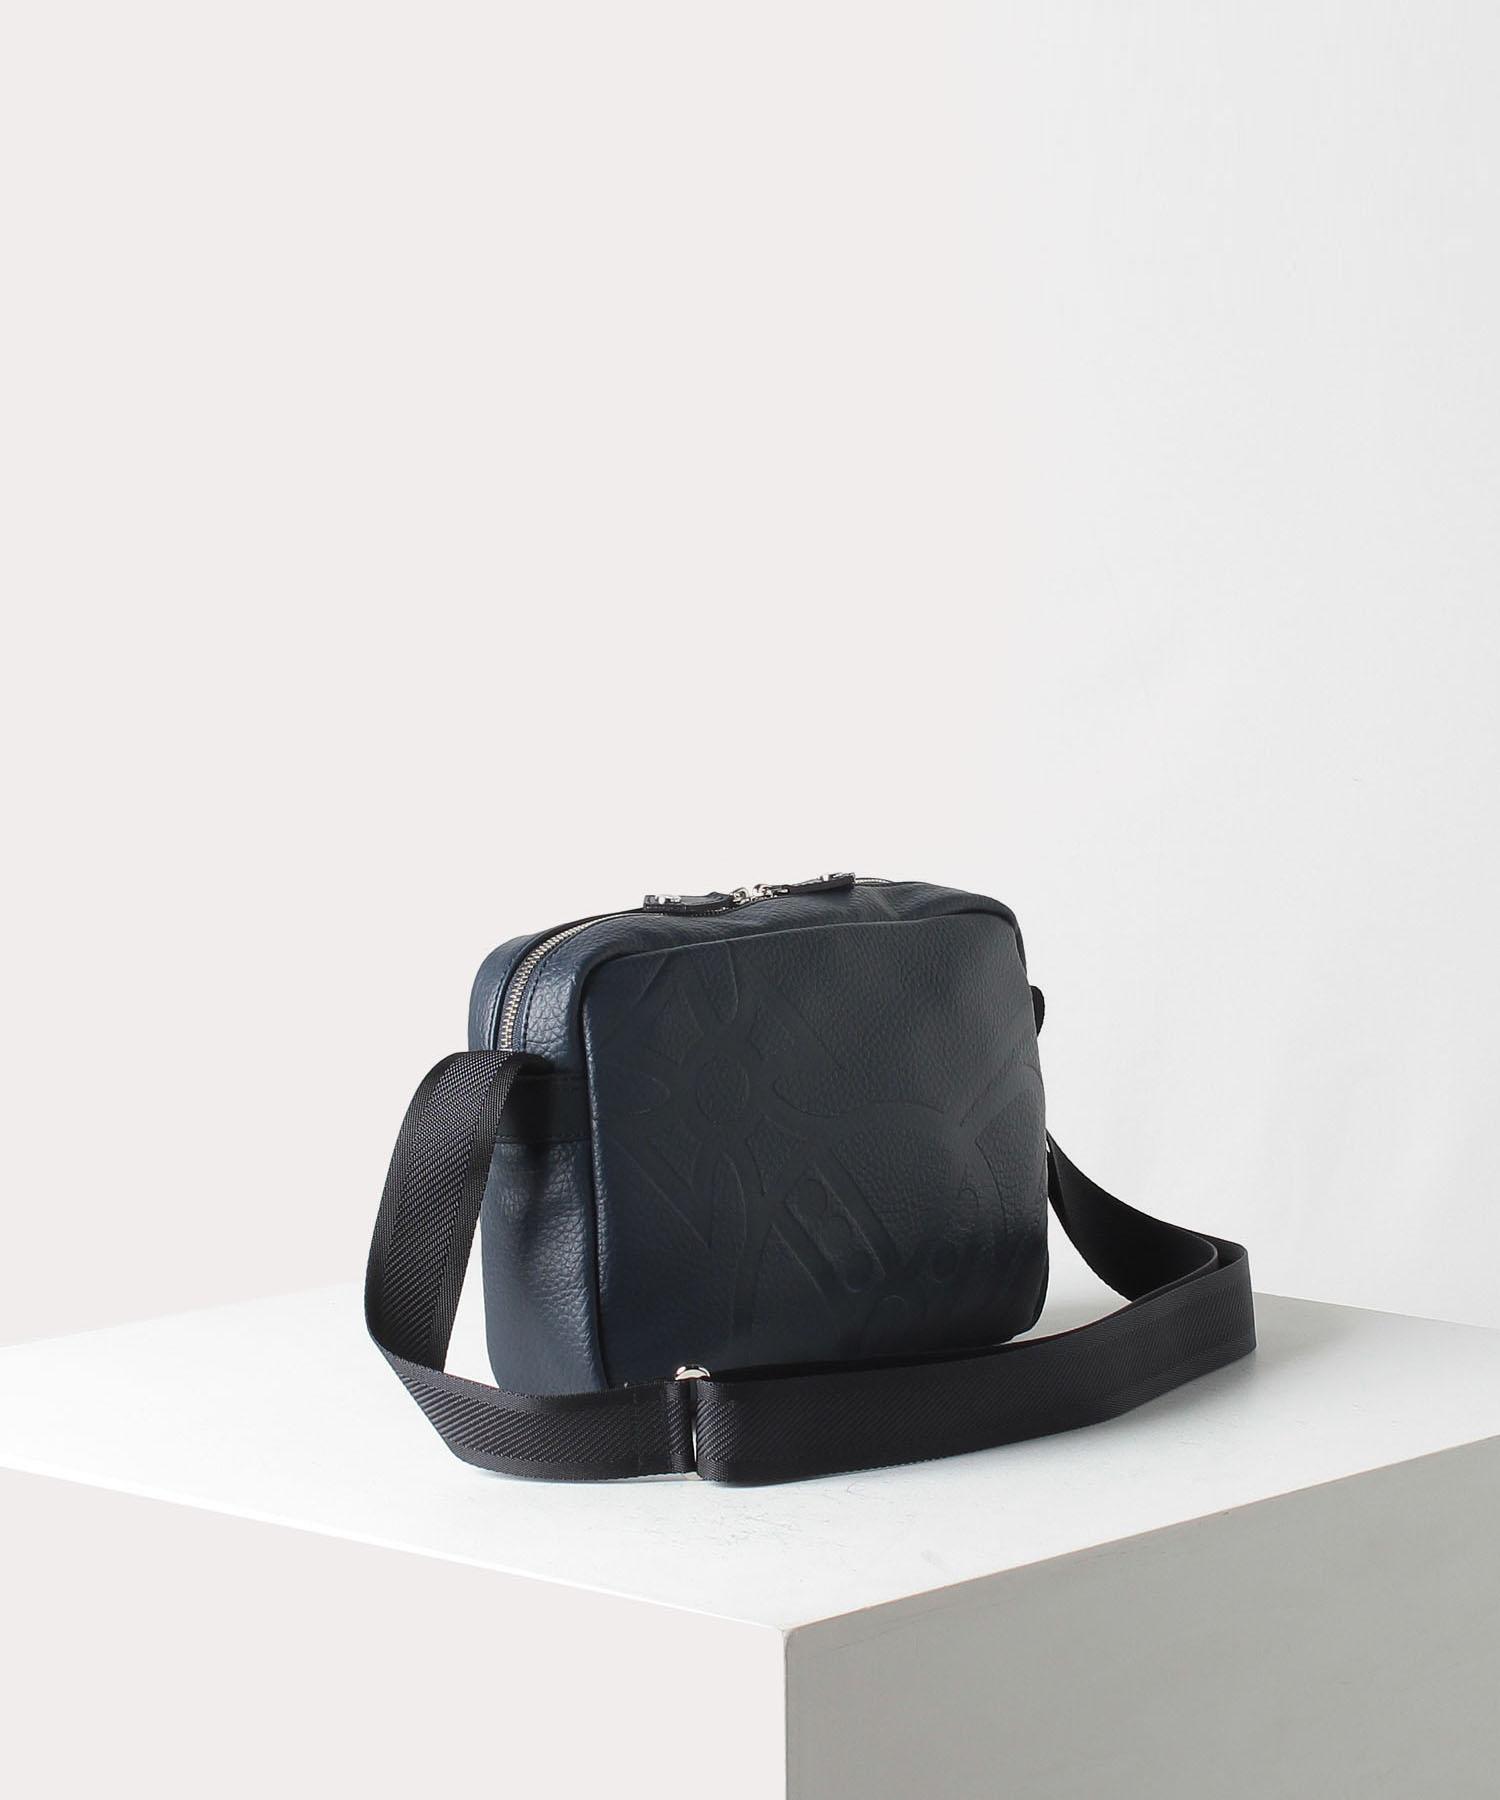 ハミルトン メンズ横型ショルダーバッグ